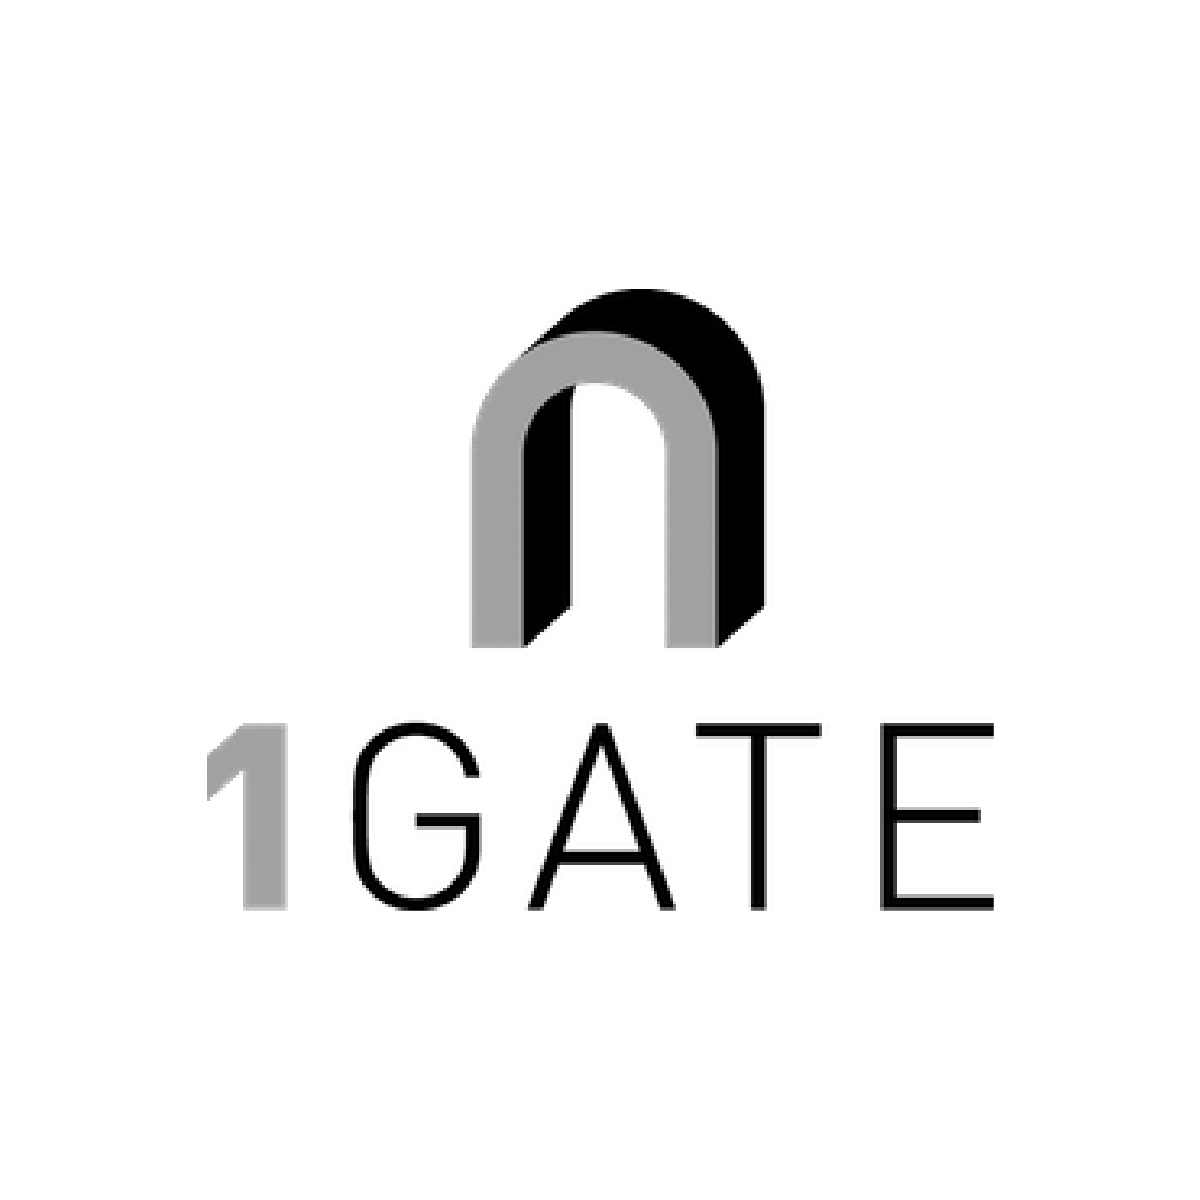 partner 1Gate